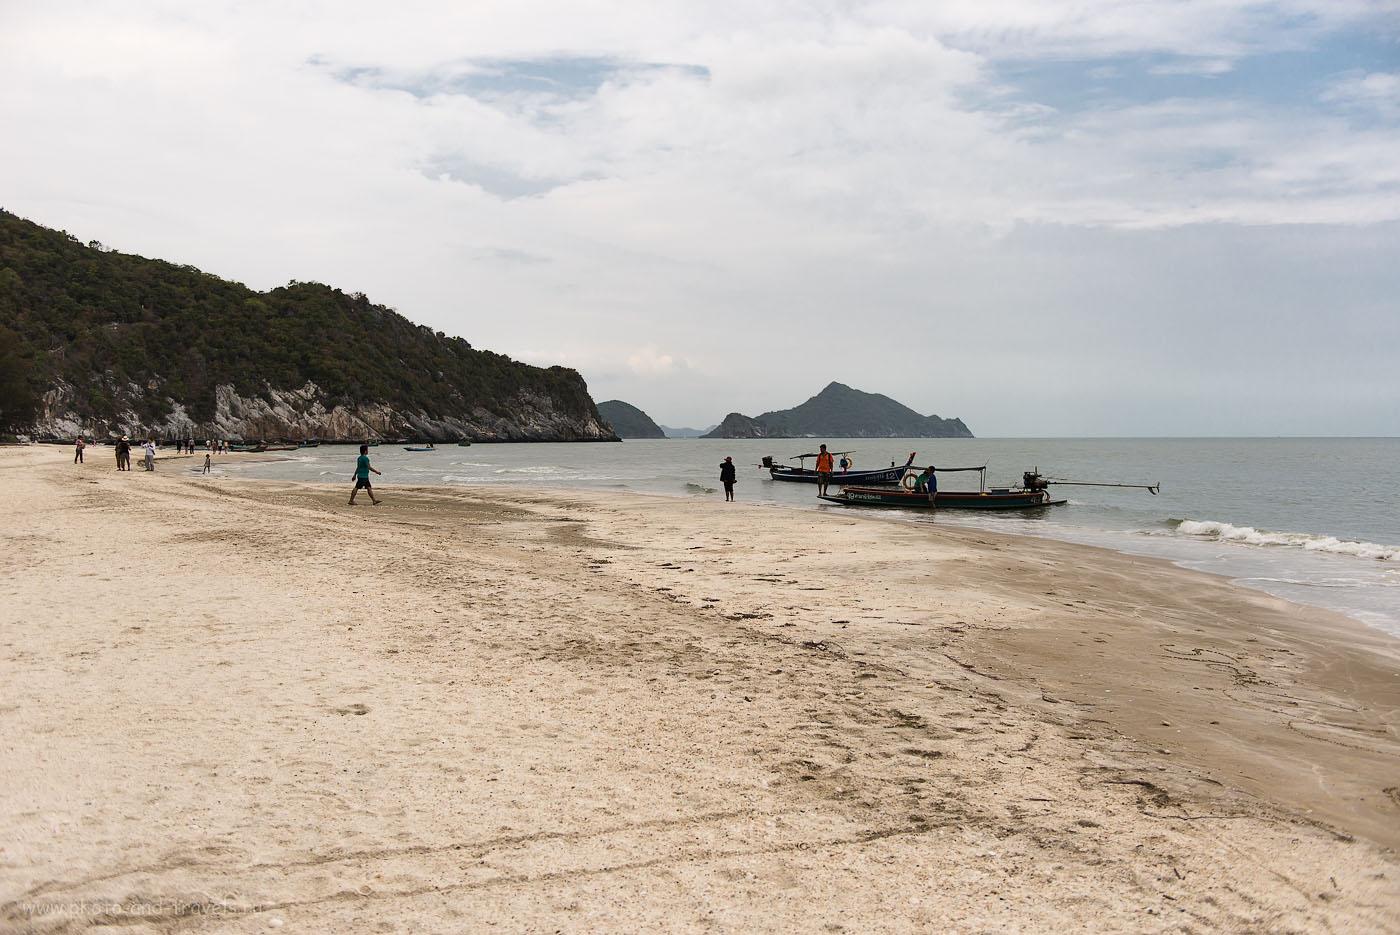 Фото 6. Обратно на пляж Bang Poo можно добраться на лодке. Отдых в Таиланде в окрестностях Хуахина. Экскурсия в пещеру Прайя Накхон (Phraya Nakhon cave) (100, 32, F=2.8, 1/1600)